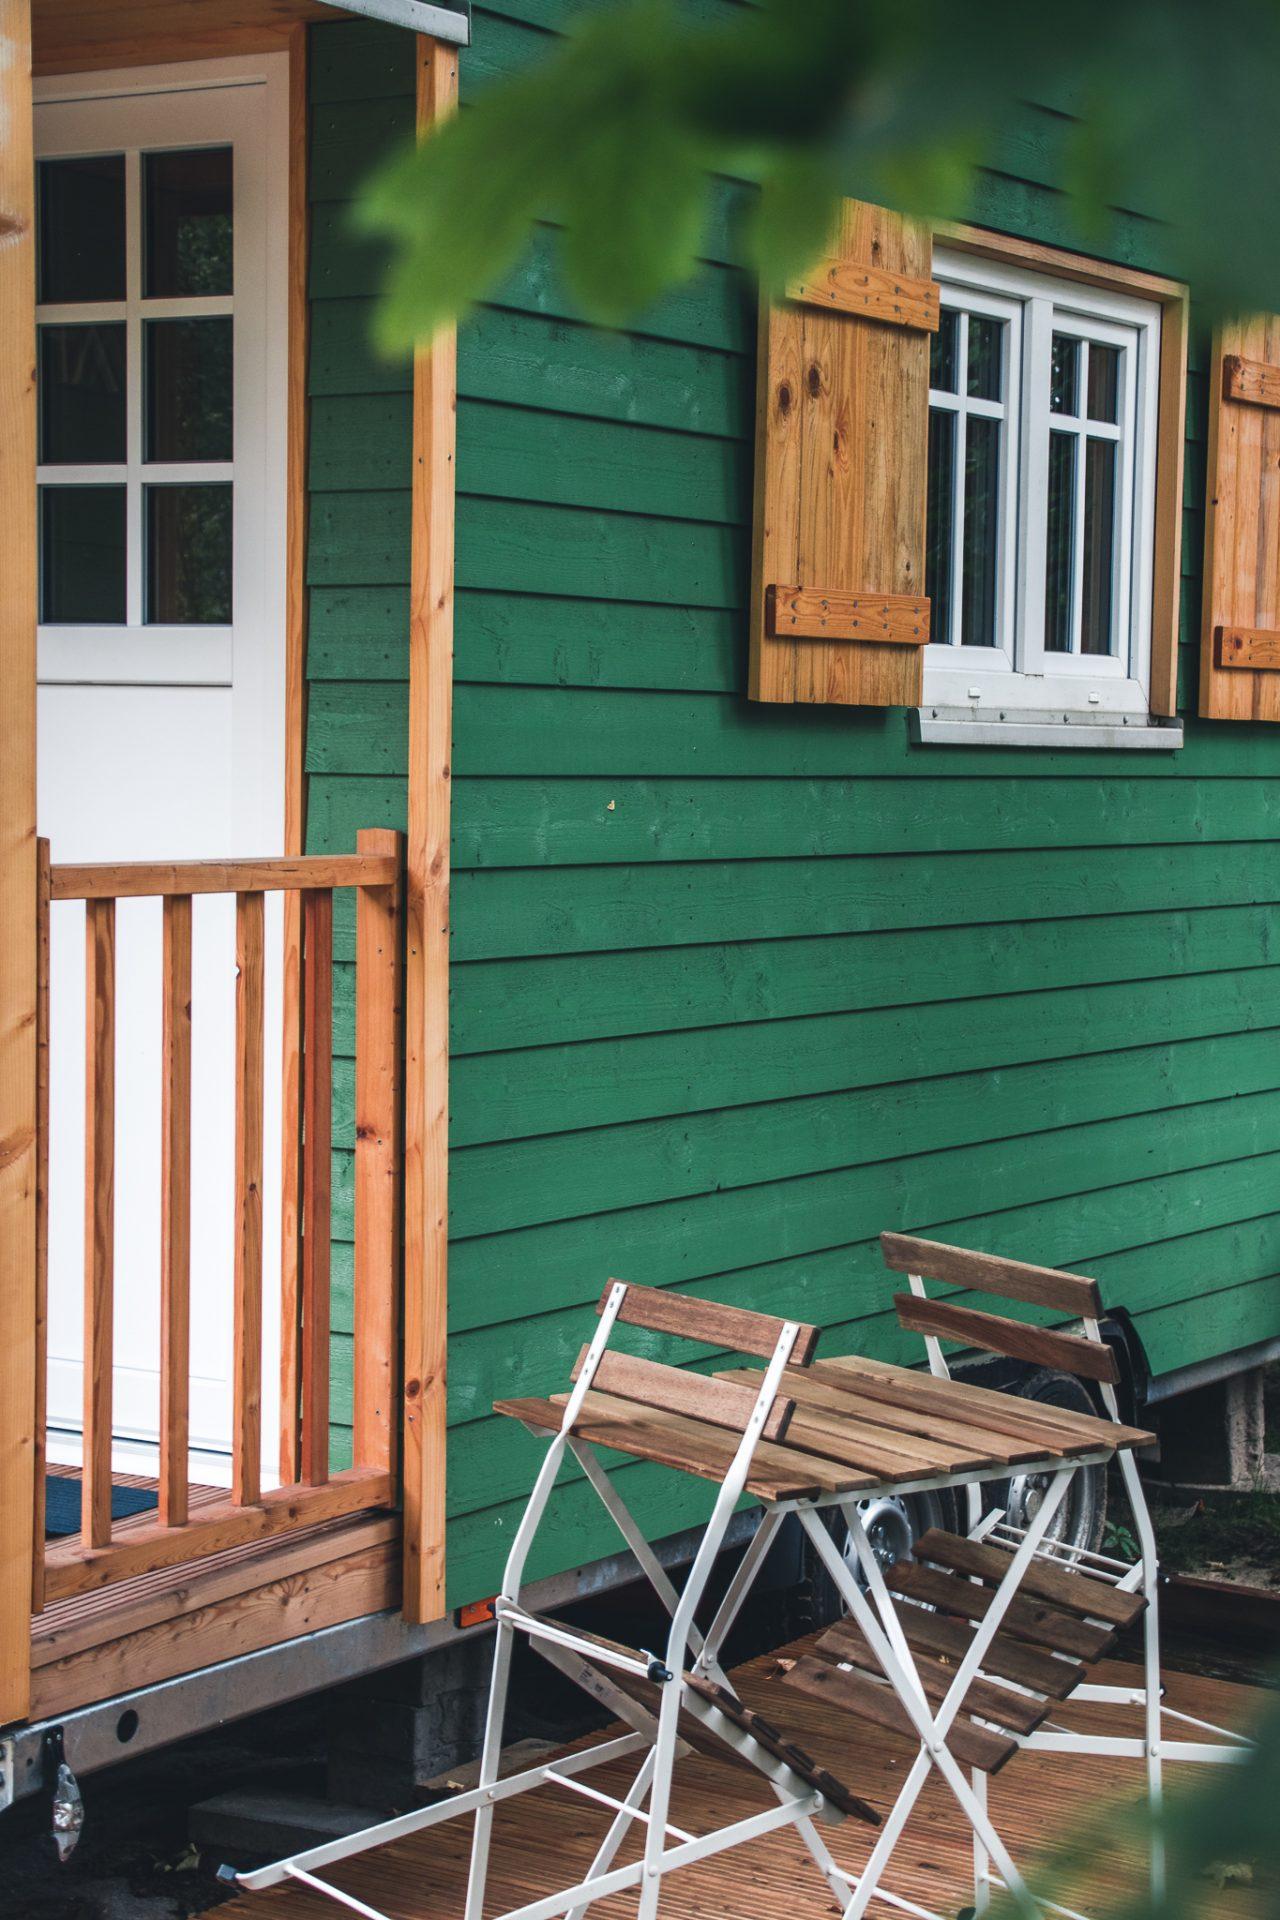 Hamm-übernachten-pier9-tiny-house-hotel